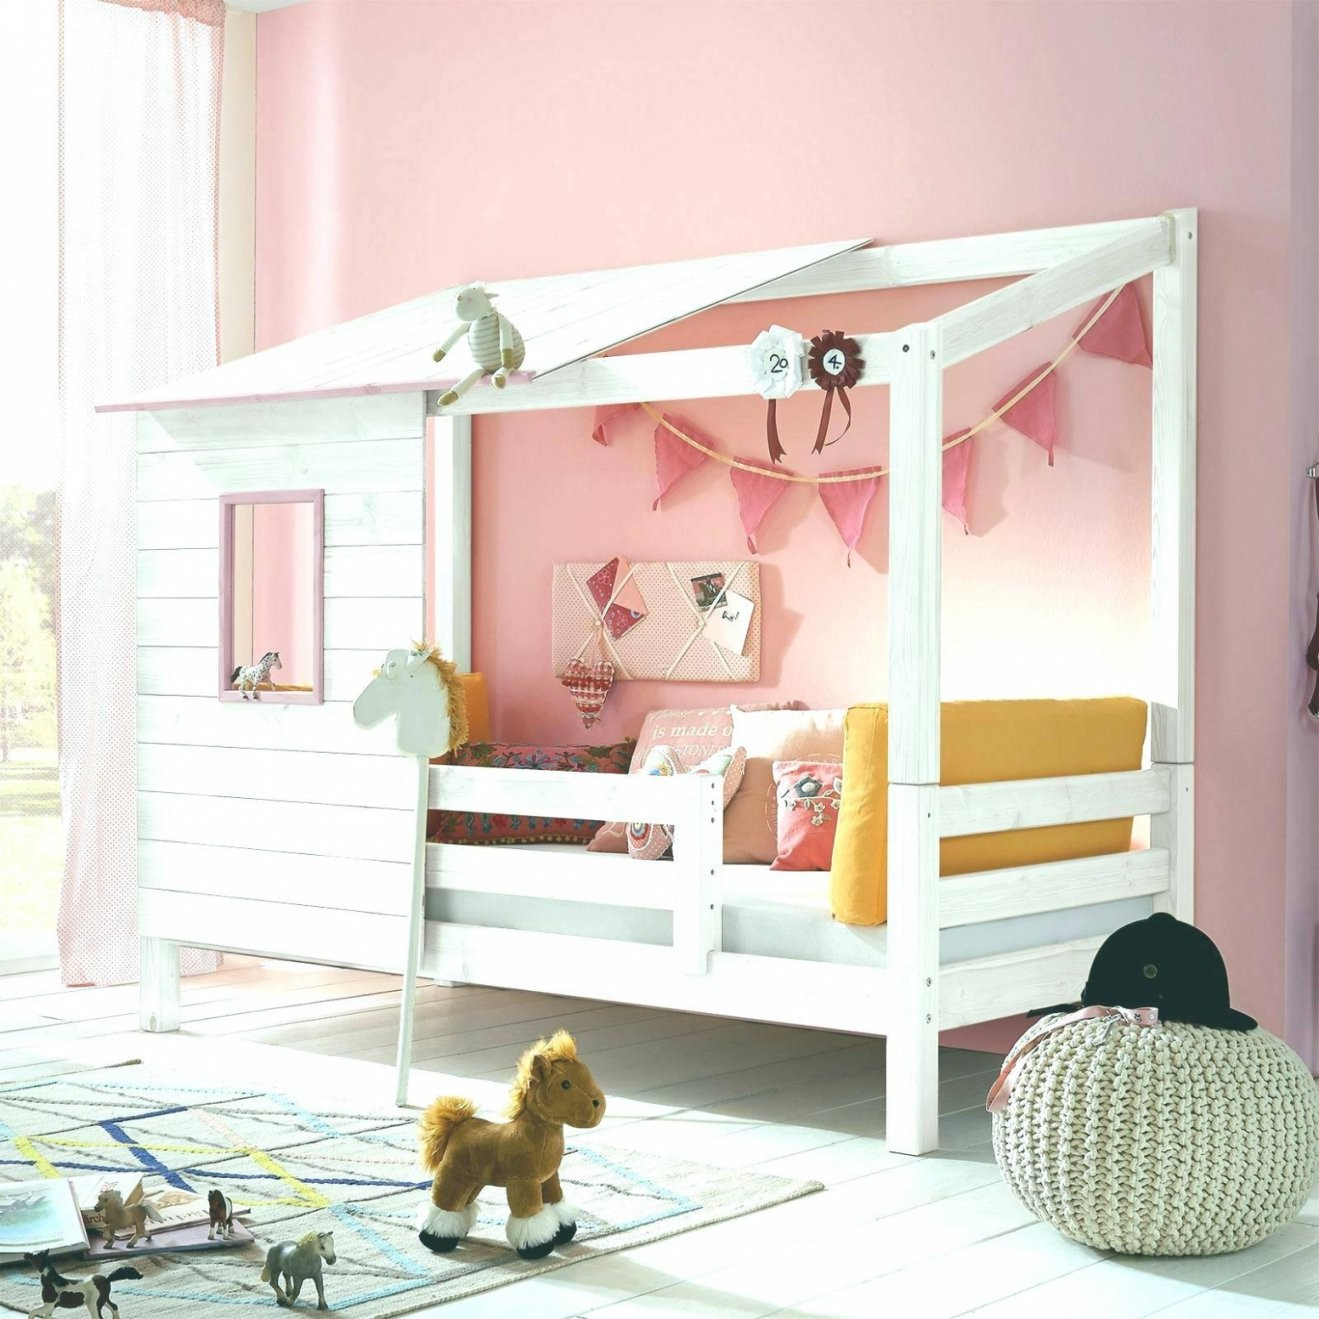 Fantastisch 30 Mädchen Bett 140X200 Design Ideen Wohnträume — Yct von Mädchen Bett 140X200 Photo